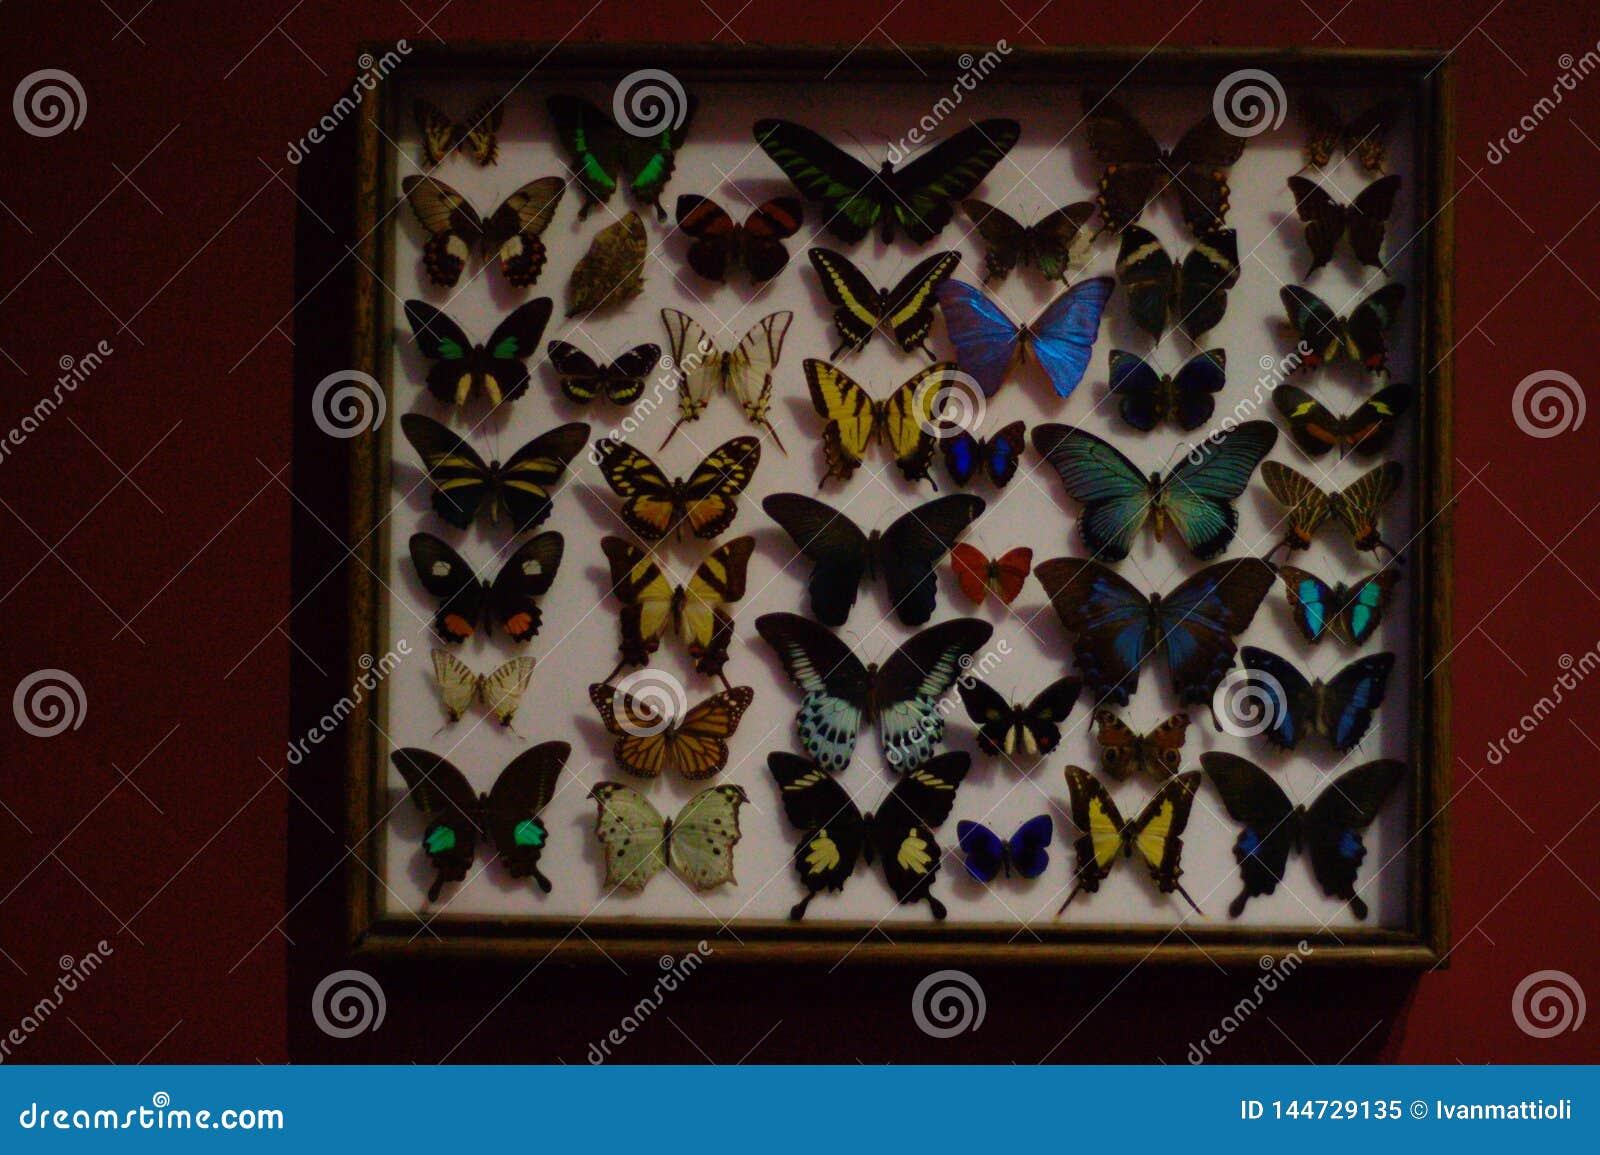 Καρφωμένες πεταλούδες σε ένα κιβώτιο Φυσική ιστορία